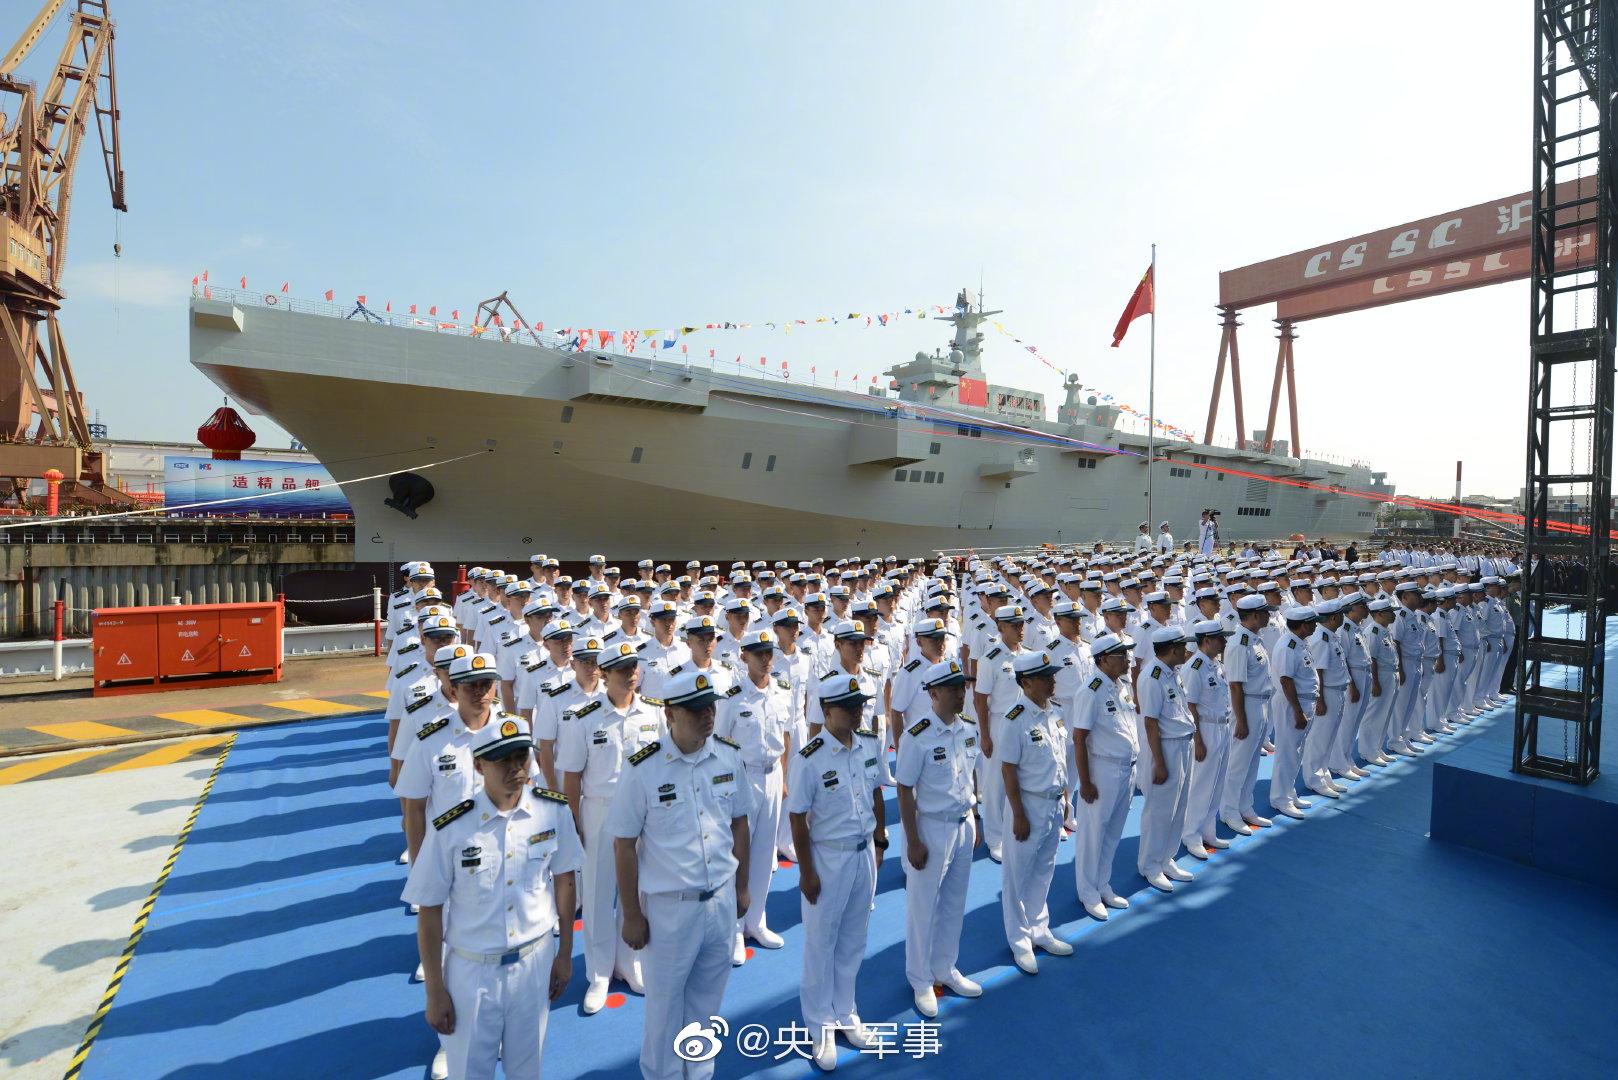 """中国进入""""两栖攻击舰+航母""""新时代 两舰可配合作战"""